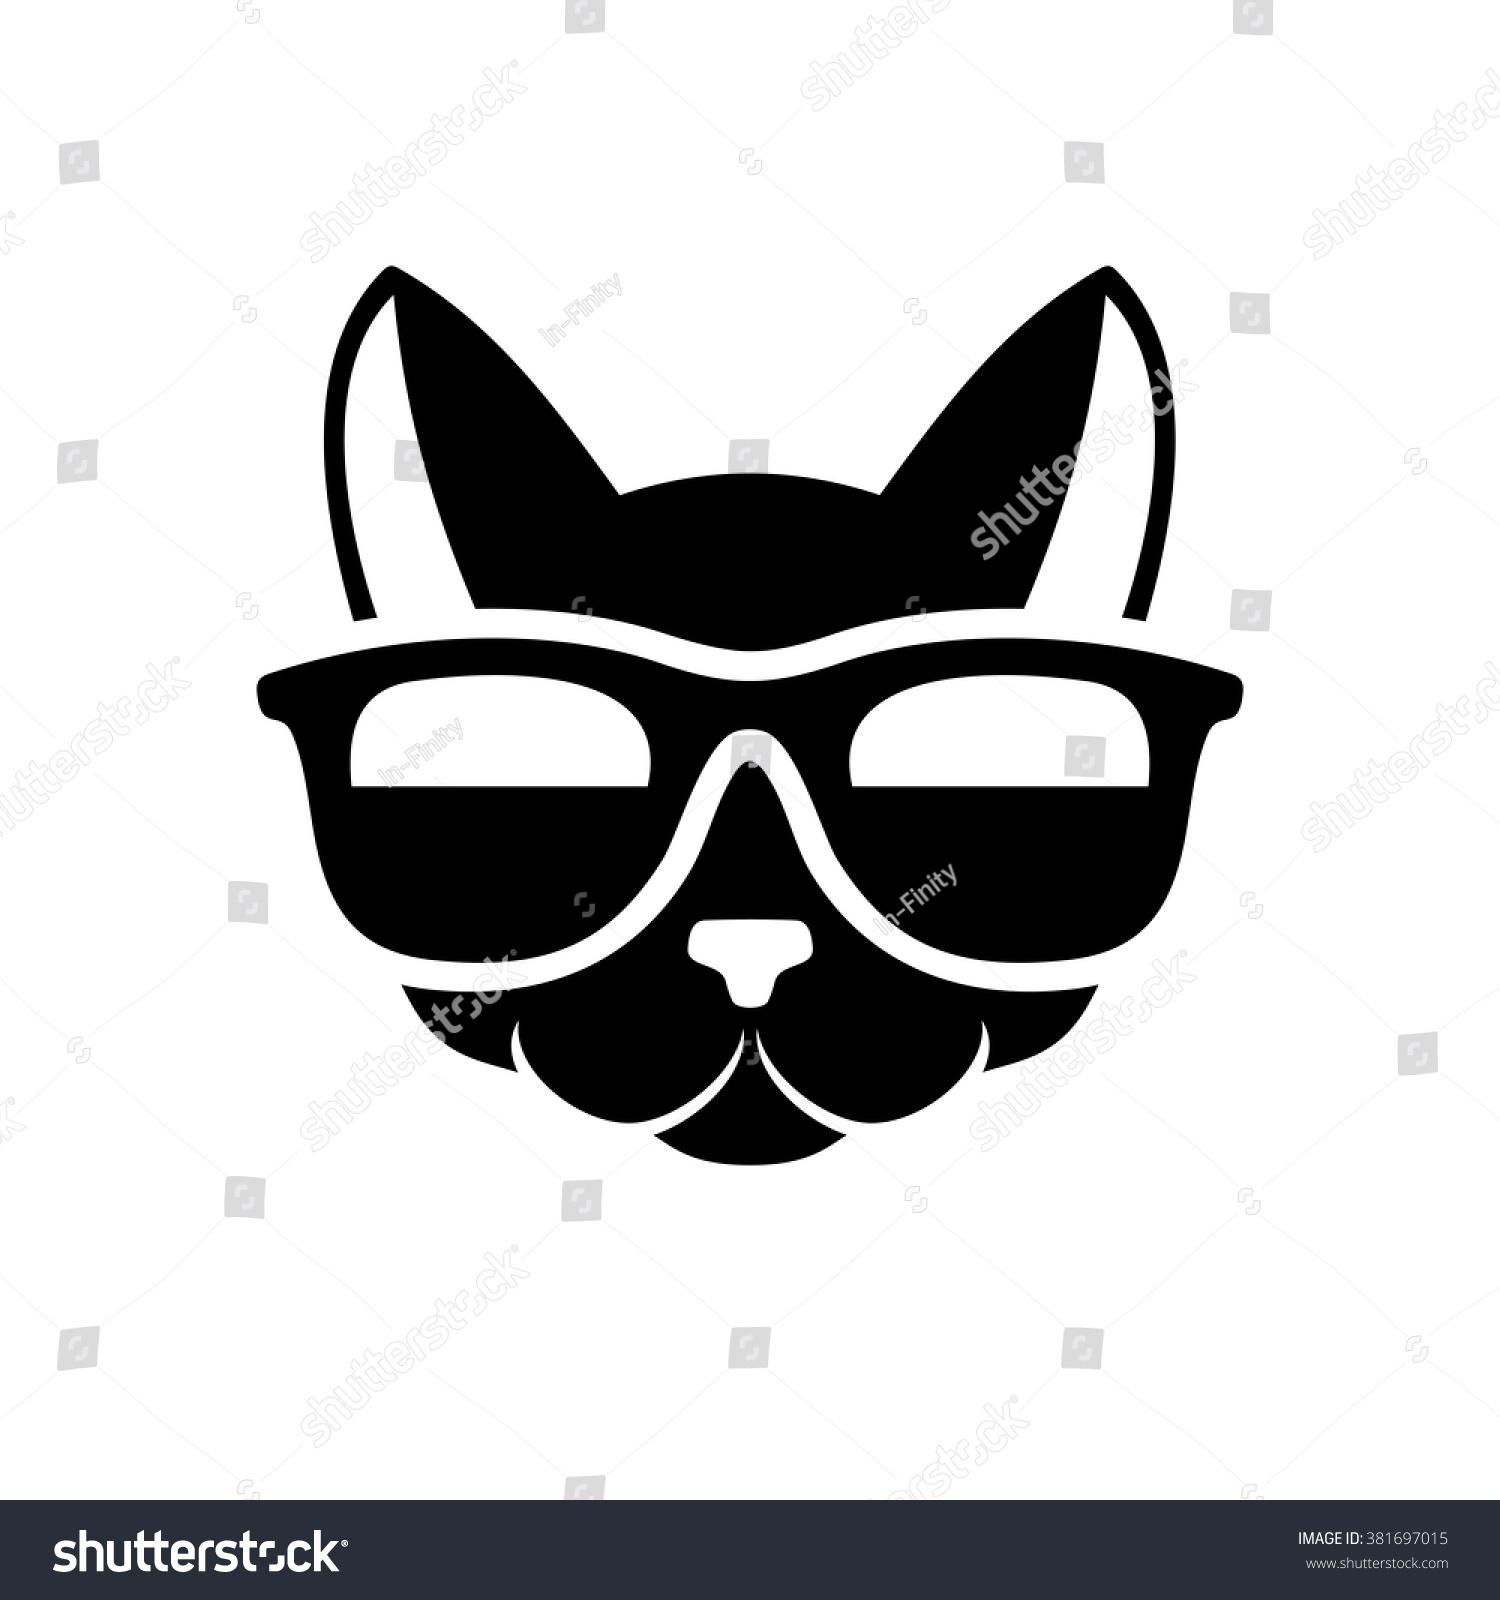 ... Clipart wearing glasses stock vectors & vector clip art shutterstock